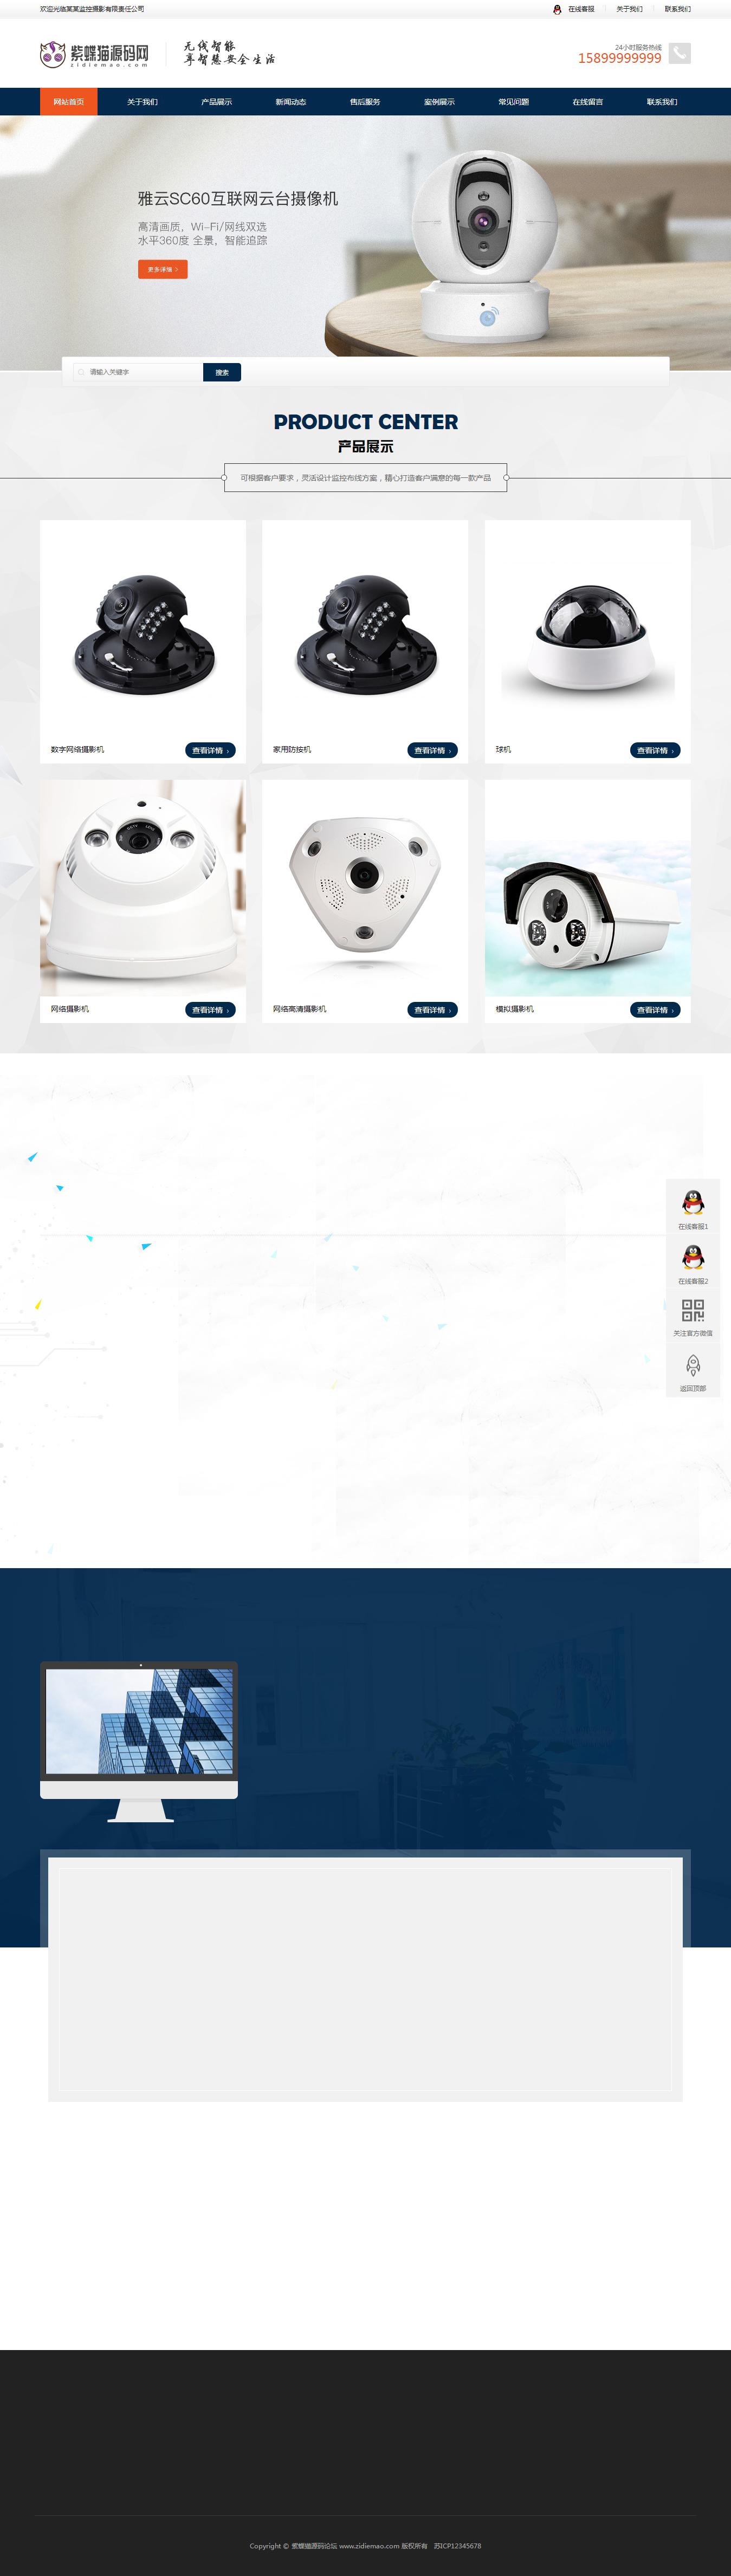 监控网站模板